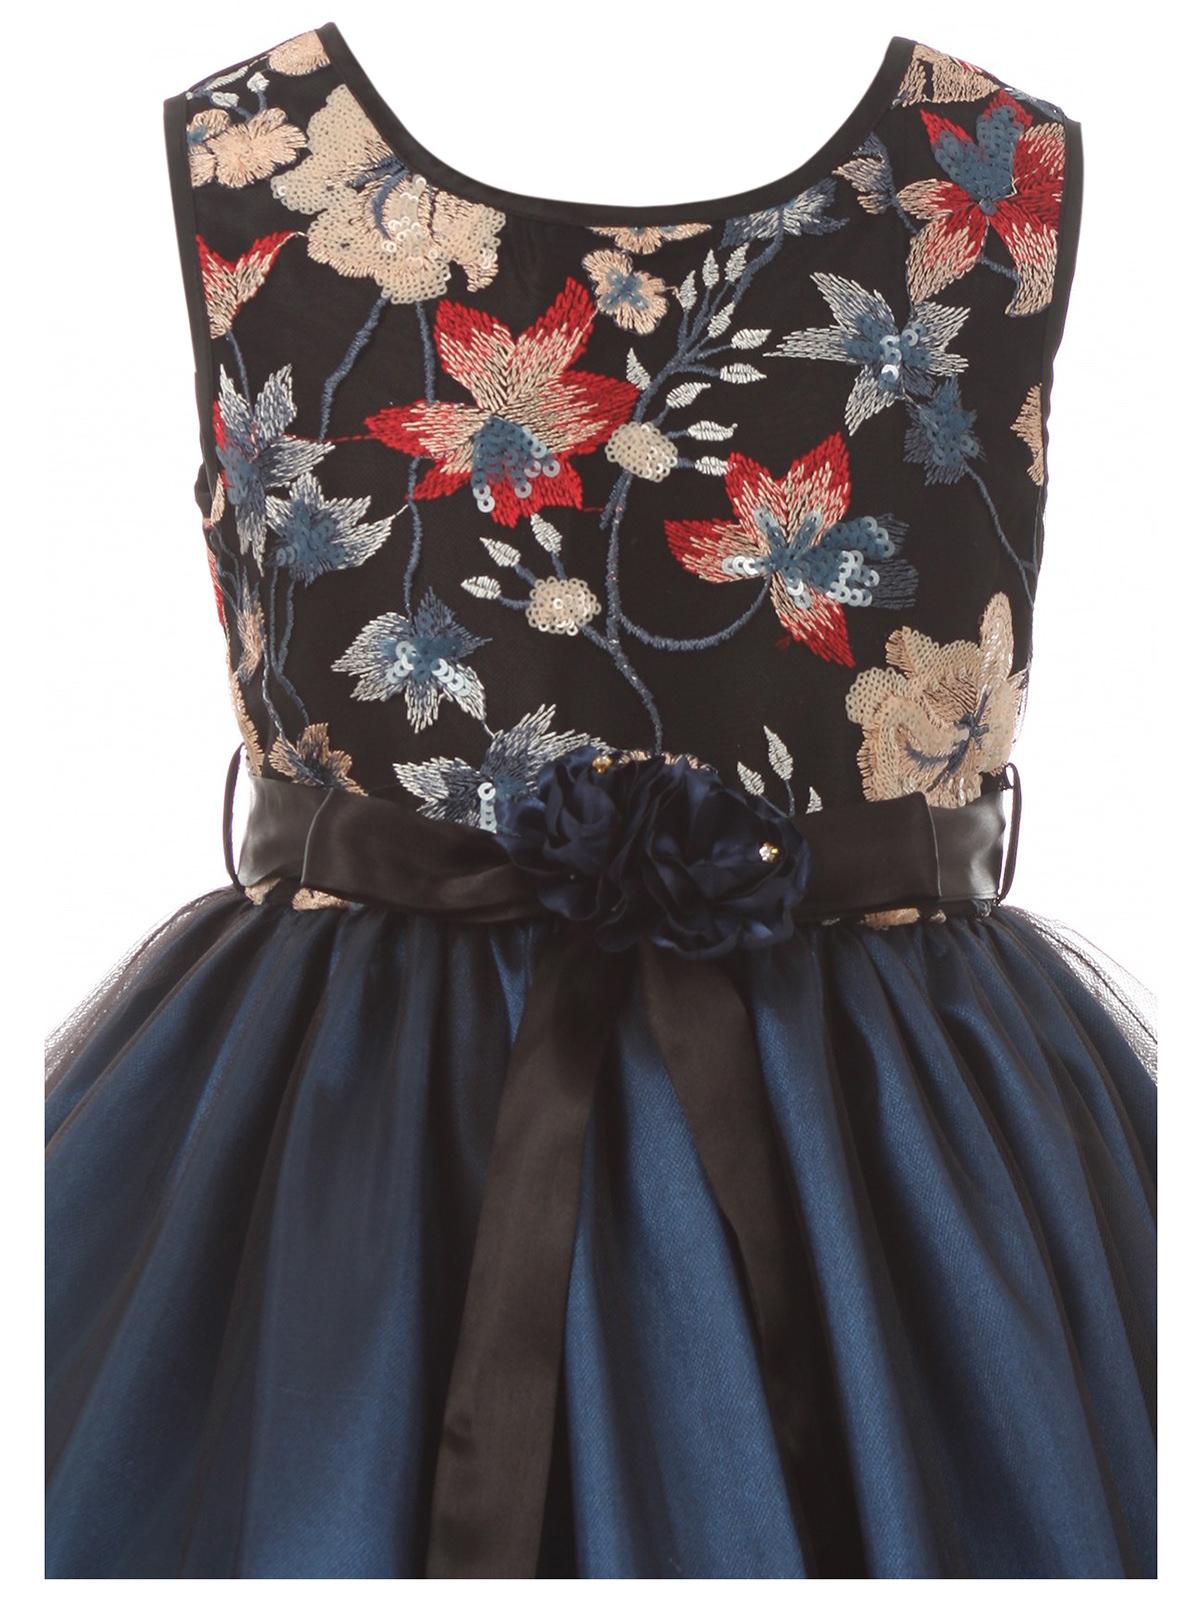 7e4de405478 Dreamer P - Little Girls Floral Tulle Christmas Birthday Holiday Party  Flower Girl Dress Teal 4 (J21KS48) - Walmart.com